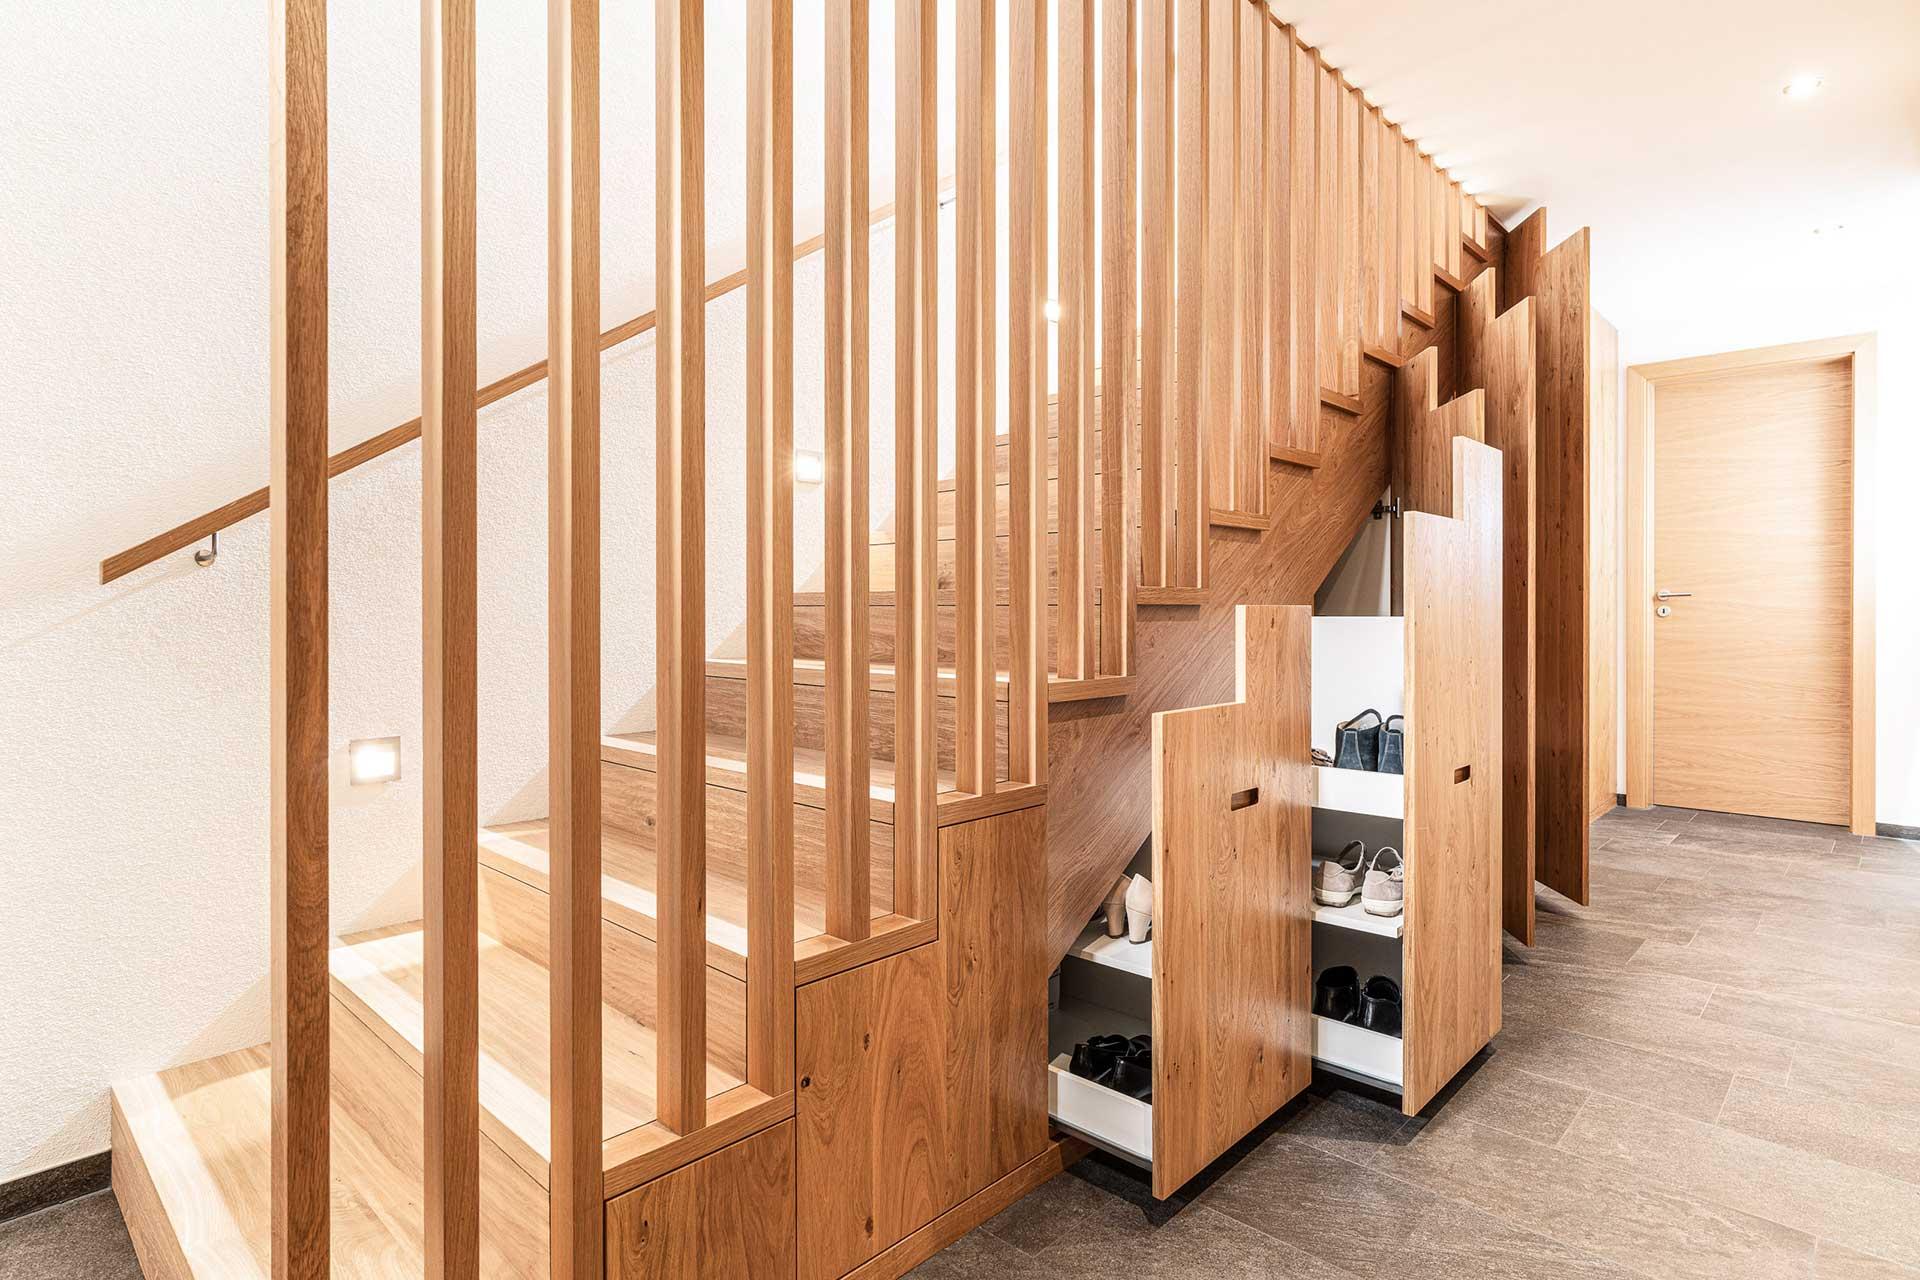 Holzstiege, Einbauschränke und Einbauschuhregal